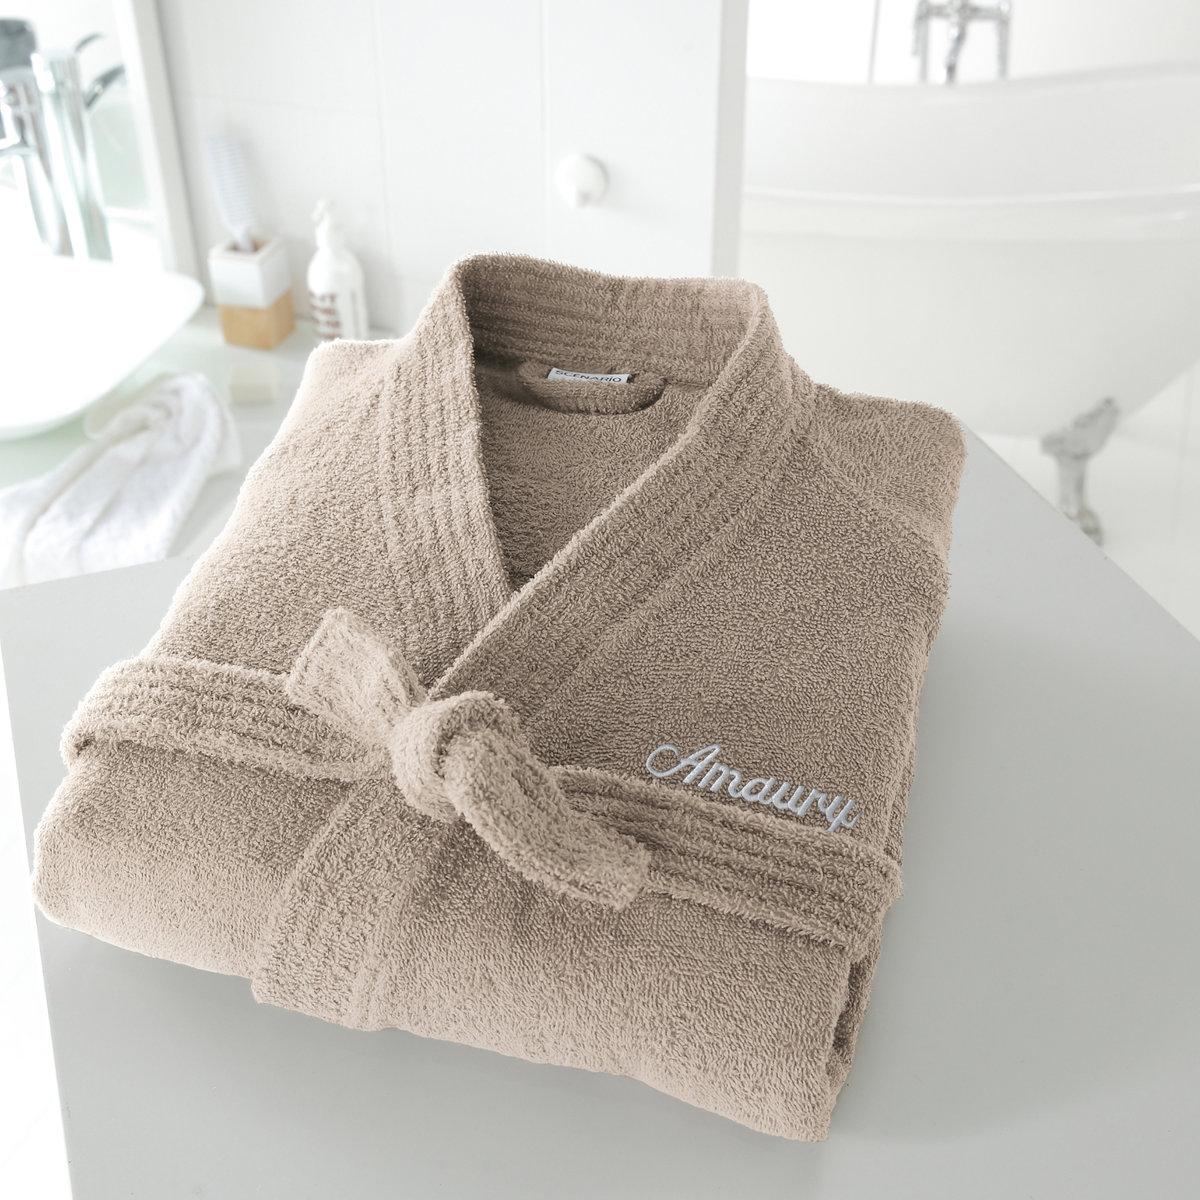 Халат с воротником кимоно с именной вышивкой, 350 г/м²